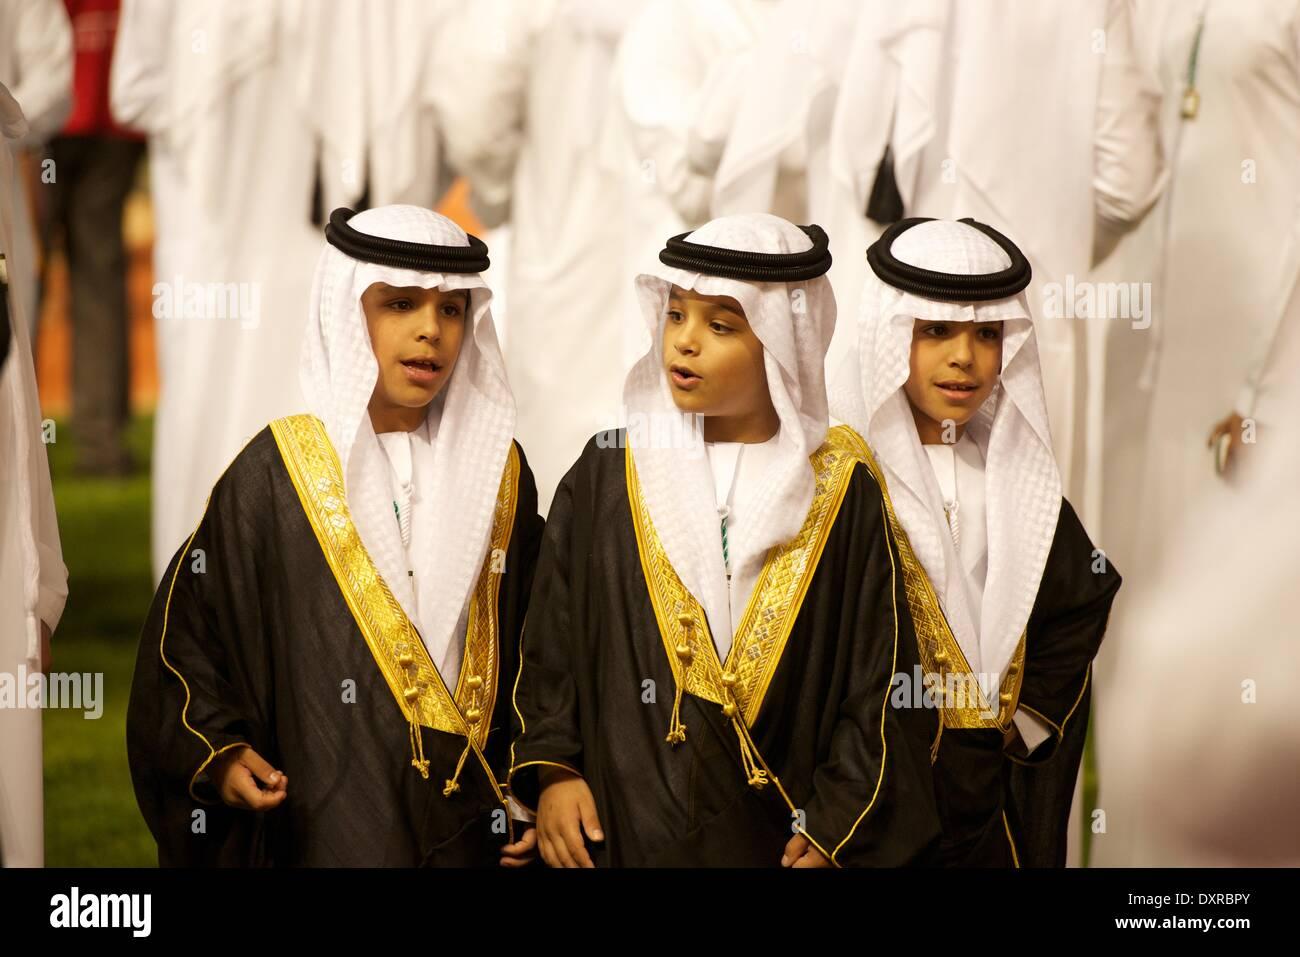 El hipódromo de Meydan, en Dubai, EAU. El 29 de marzo, 2014. Tres jóvenes príncipes saludar a los corredores como entran en el desfile de la corona durante la Copa del Mundo de Dubai Credit: Tom Morgan/Alamy Live News Imagen De Stock